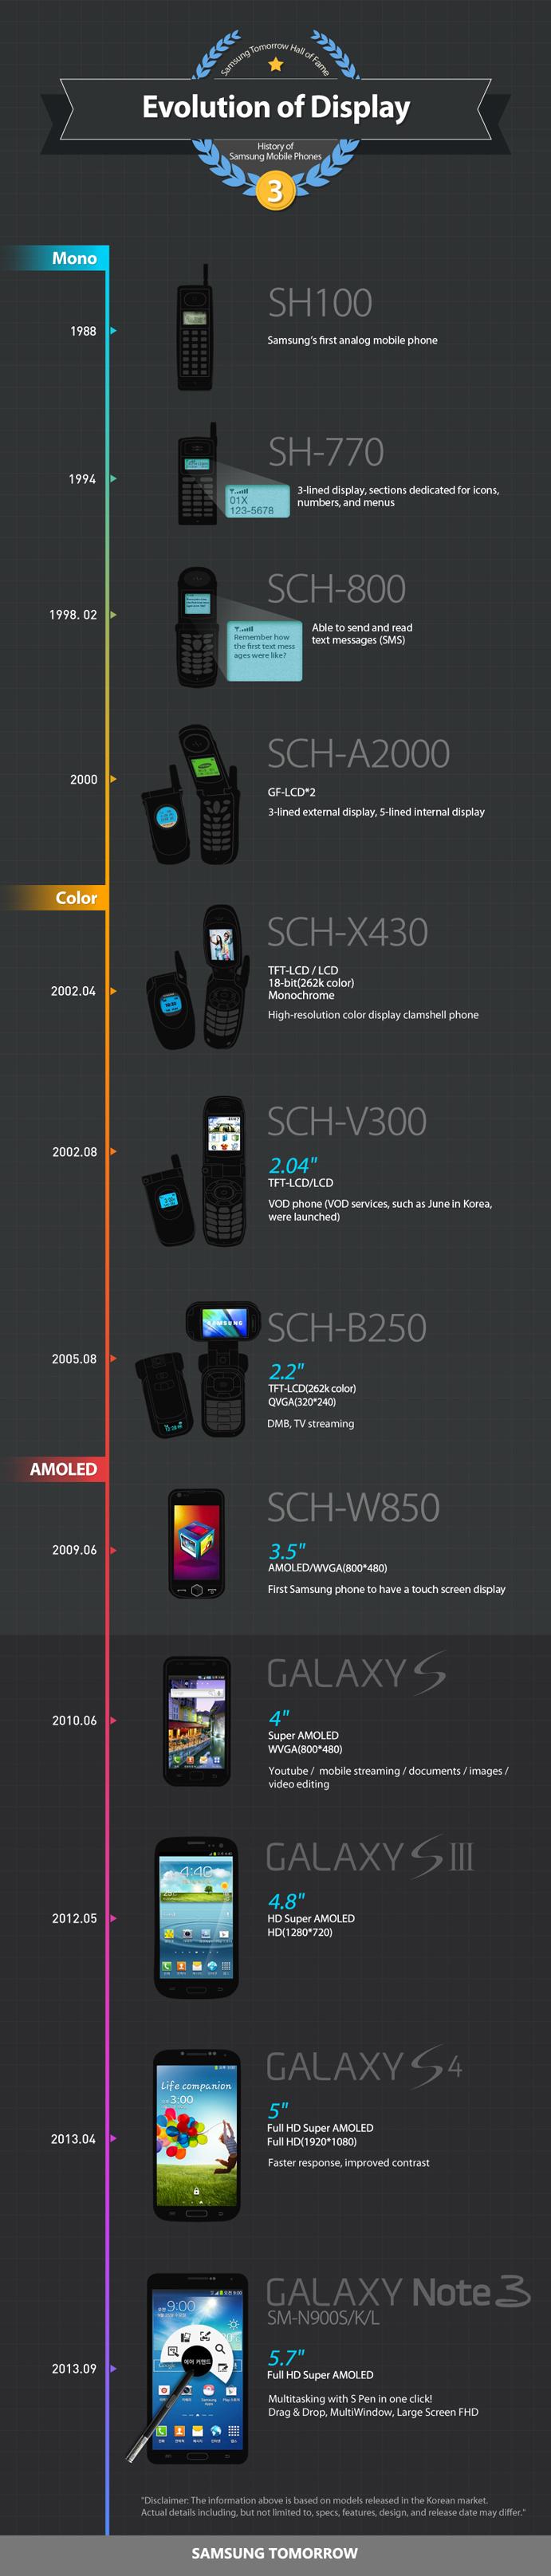 samsung evolution of display evolution écrans téléphones mobiles 1988 à 2013 01